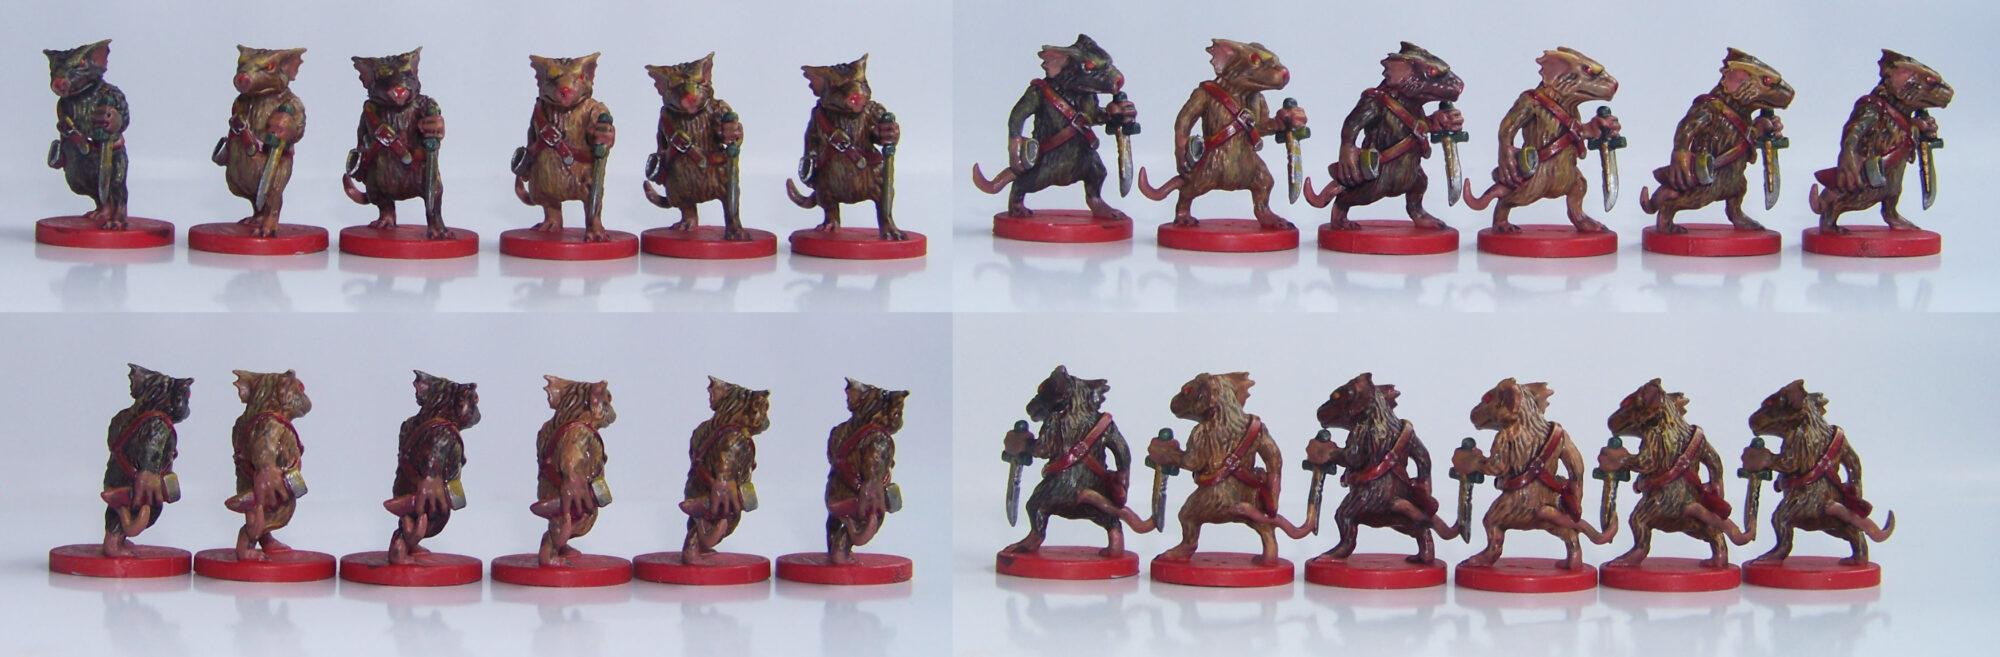 De ratones y Magia - miniaturas - Ratas